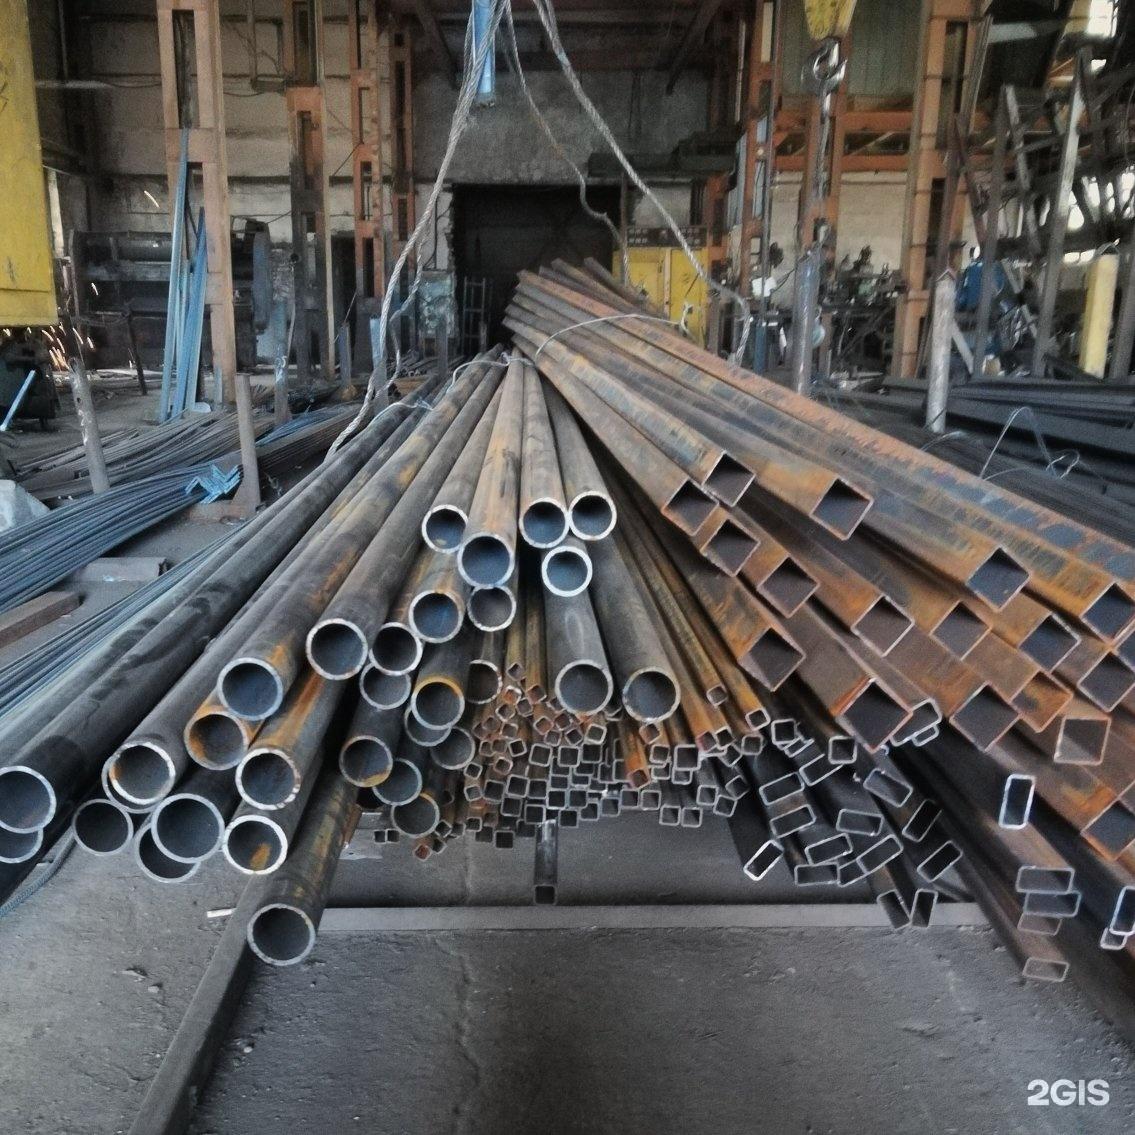 александровская ферма металлобаза фото продукции процессе застолья все